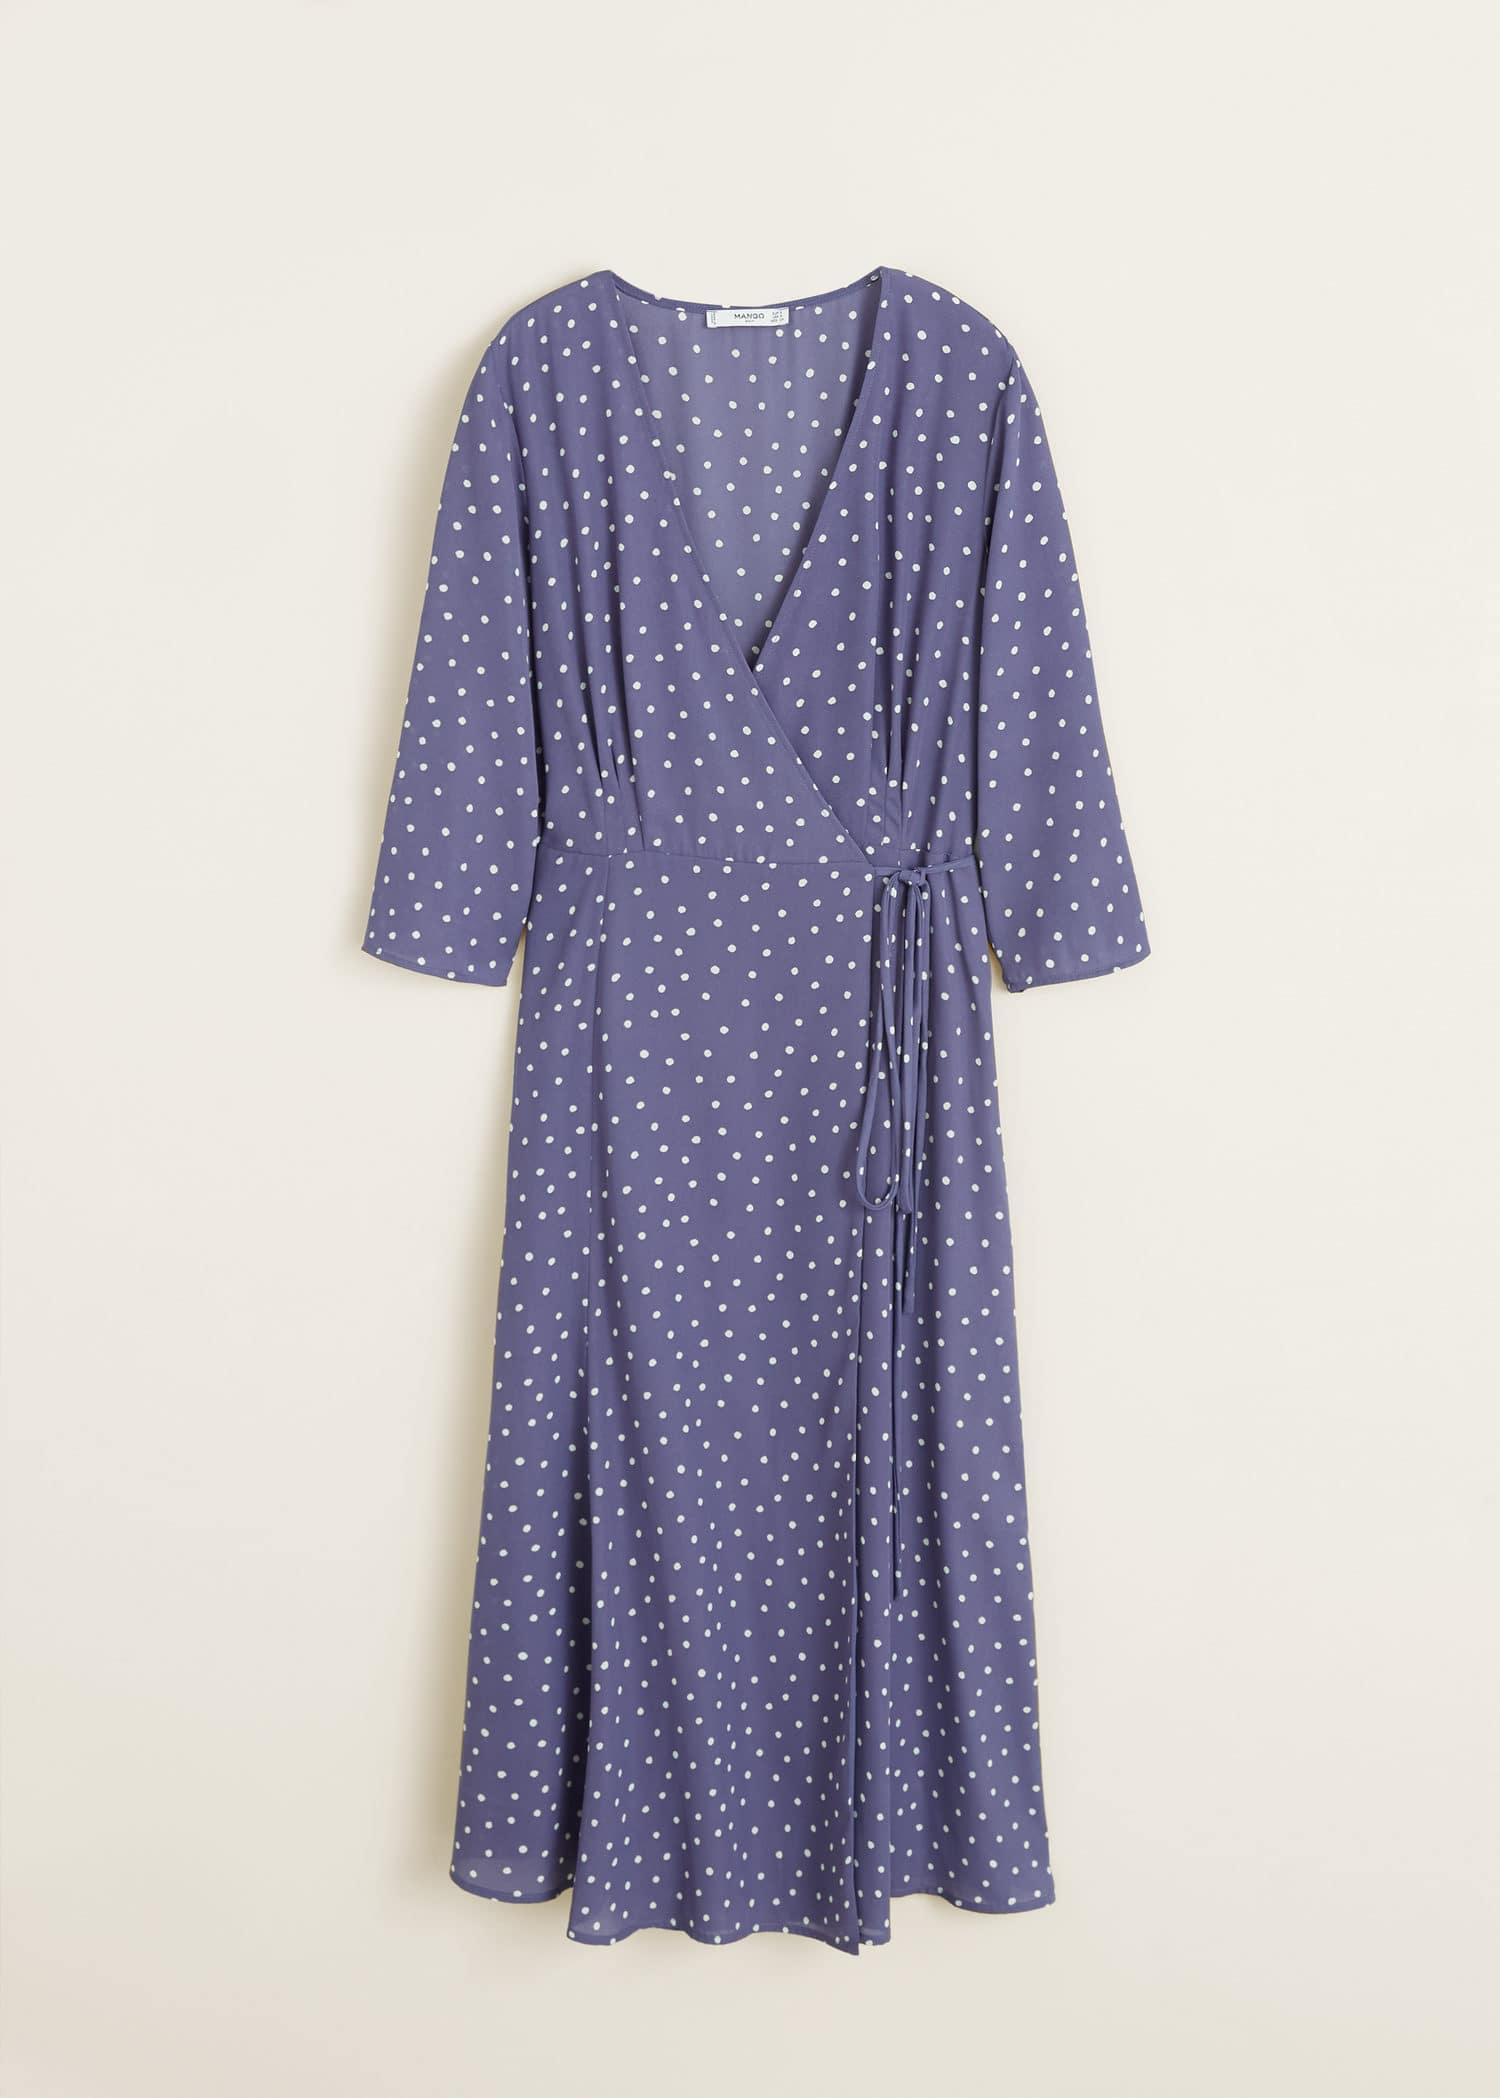 af58d065efe0 Cache France Cœur Femme Robe Pois À Mango dZvPqfw